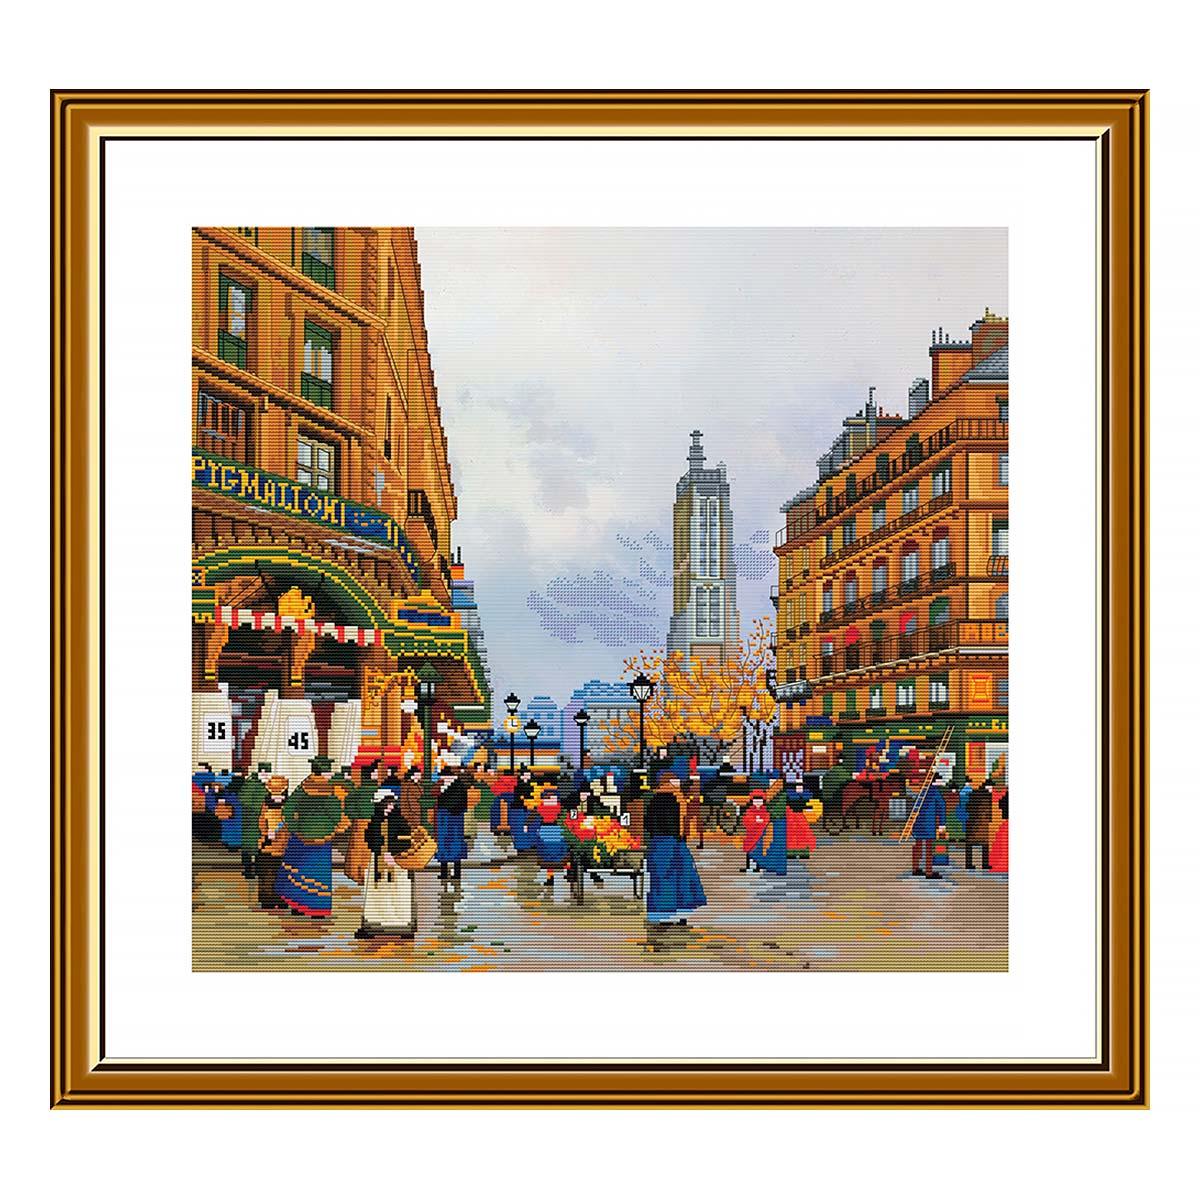 СР4240 Набор для вышивания 'Легенды Парижа Сен-Жак' 39*35 см